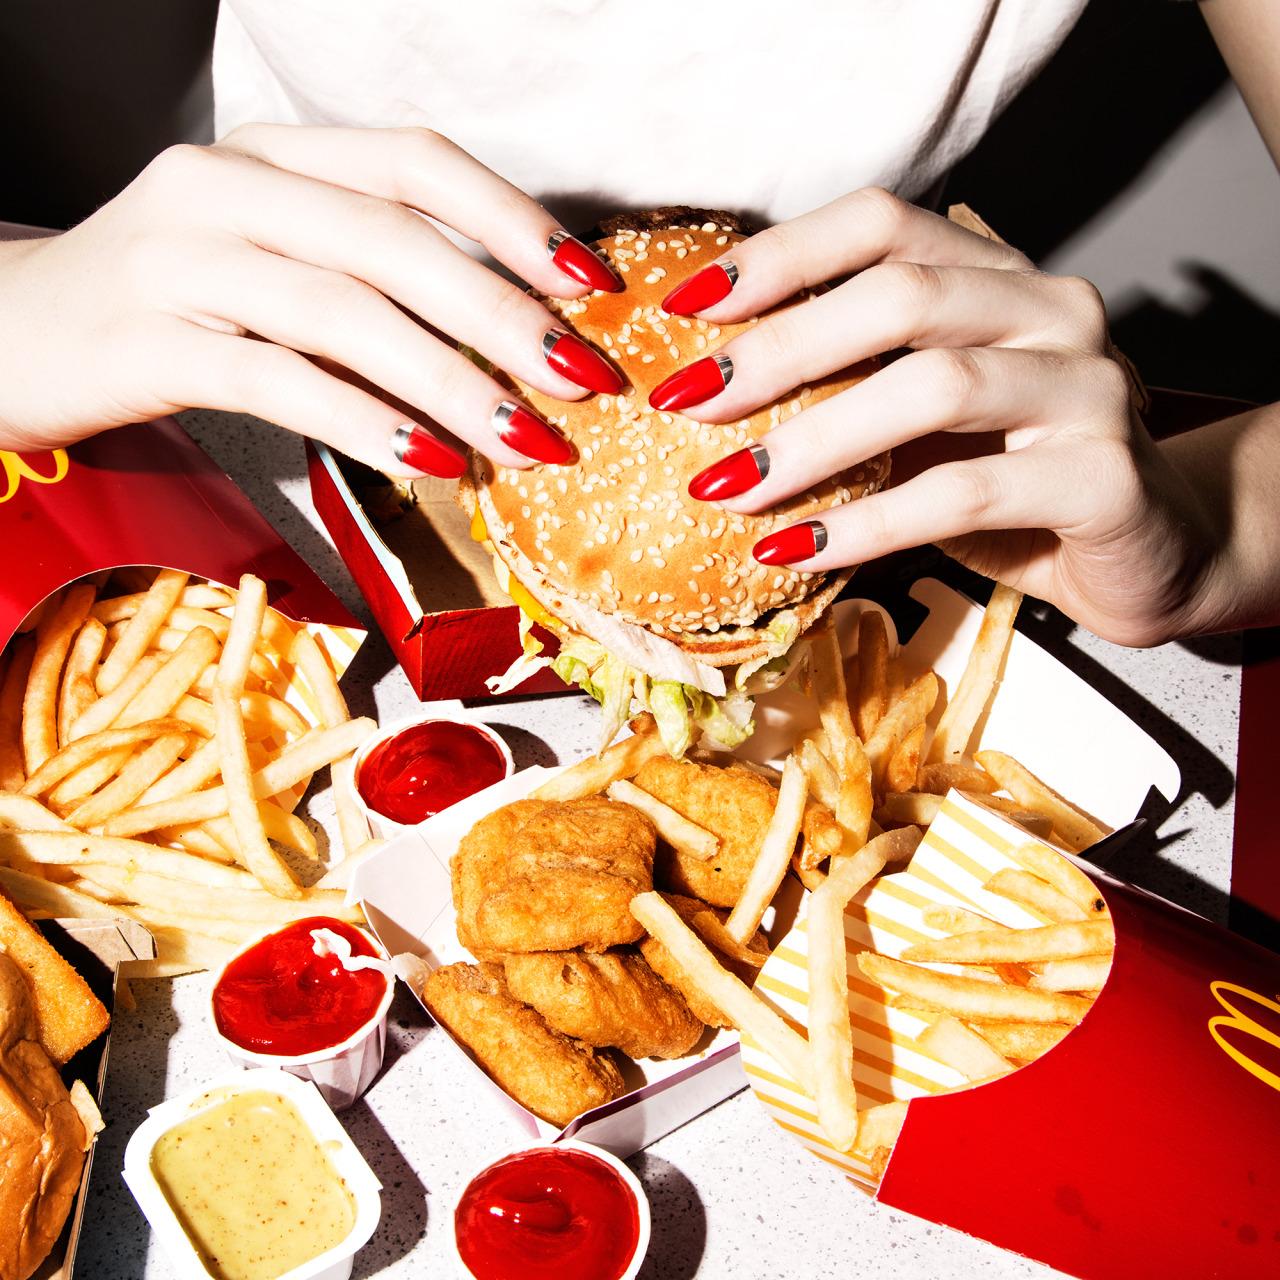 Психология голода: шесть причин, почему мы переедаем-Фото 1